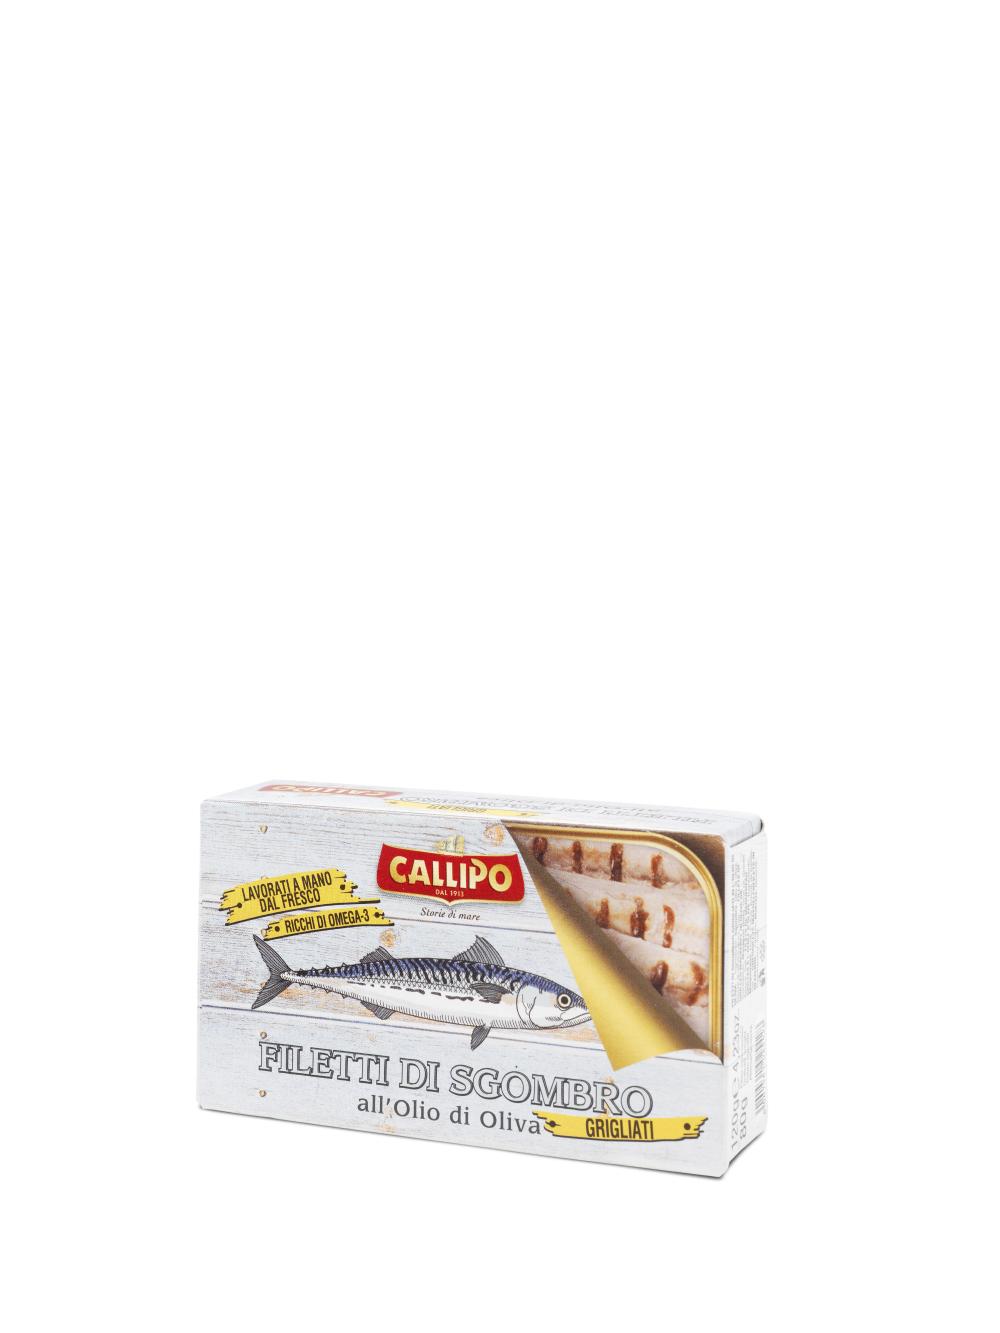 Callipo arricchisce la linea dei prodotti ittici